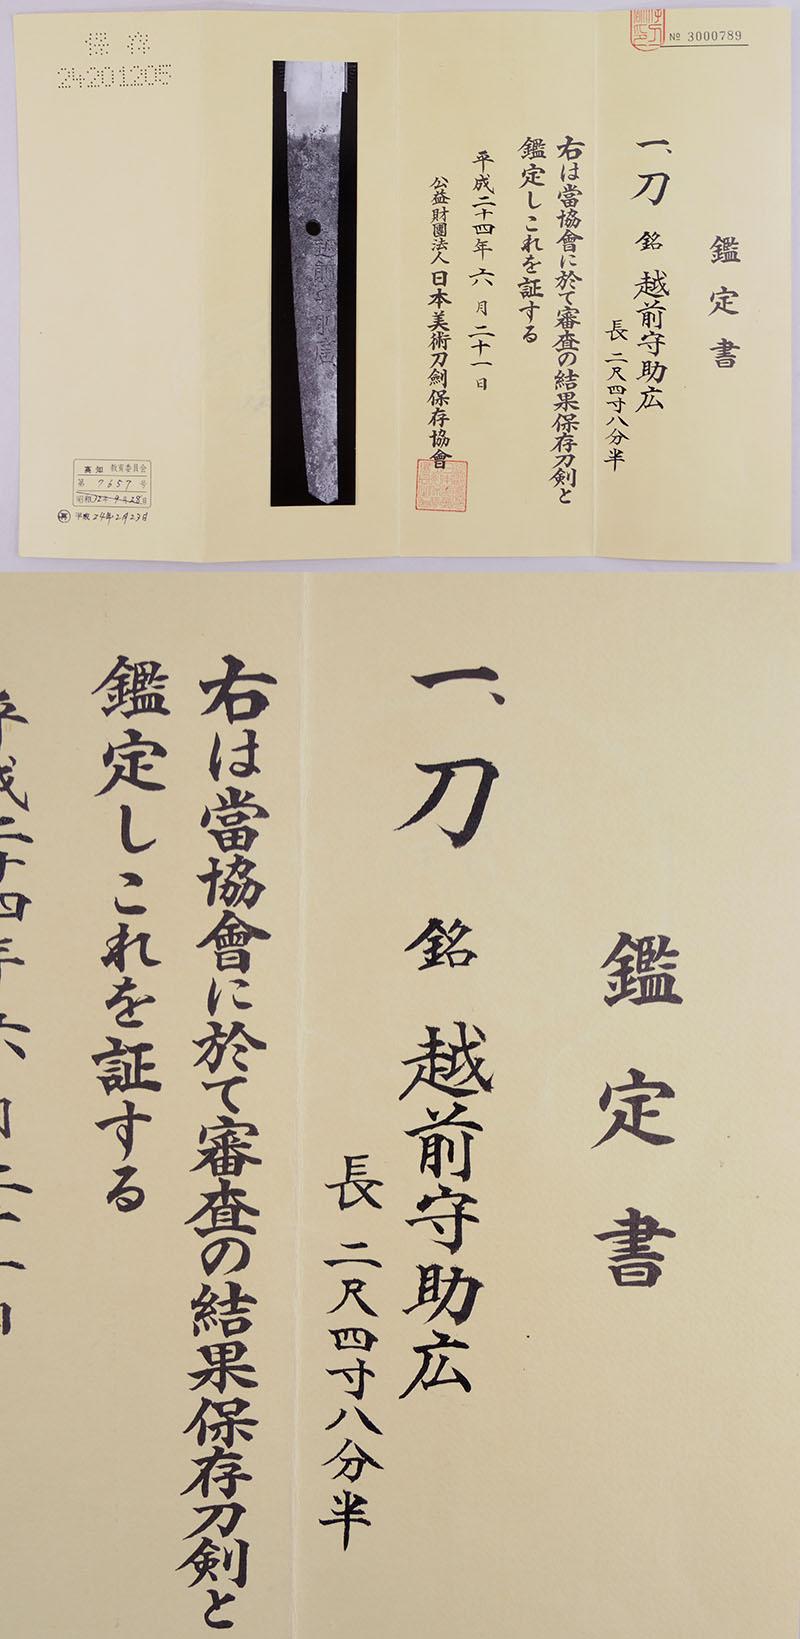 越前守助広(二代助広) Picture of Certificate